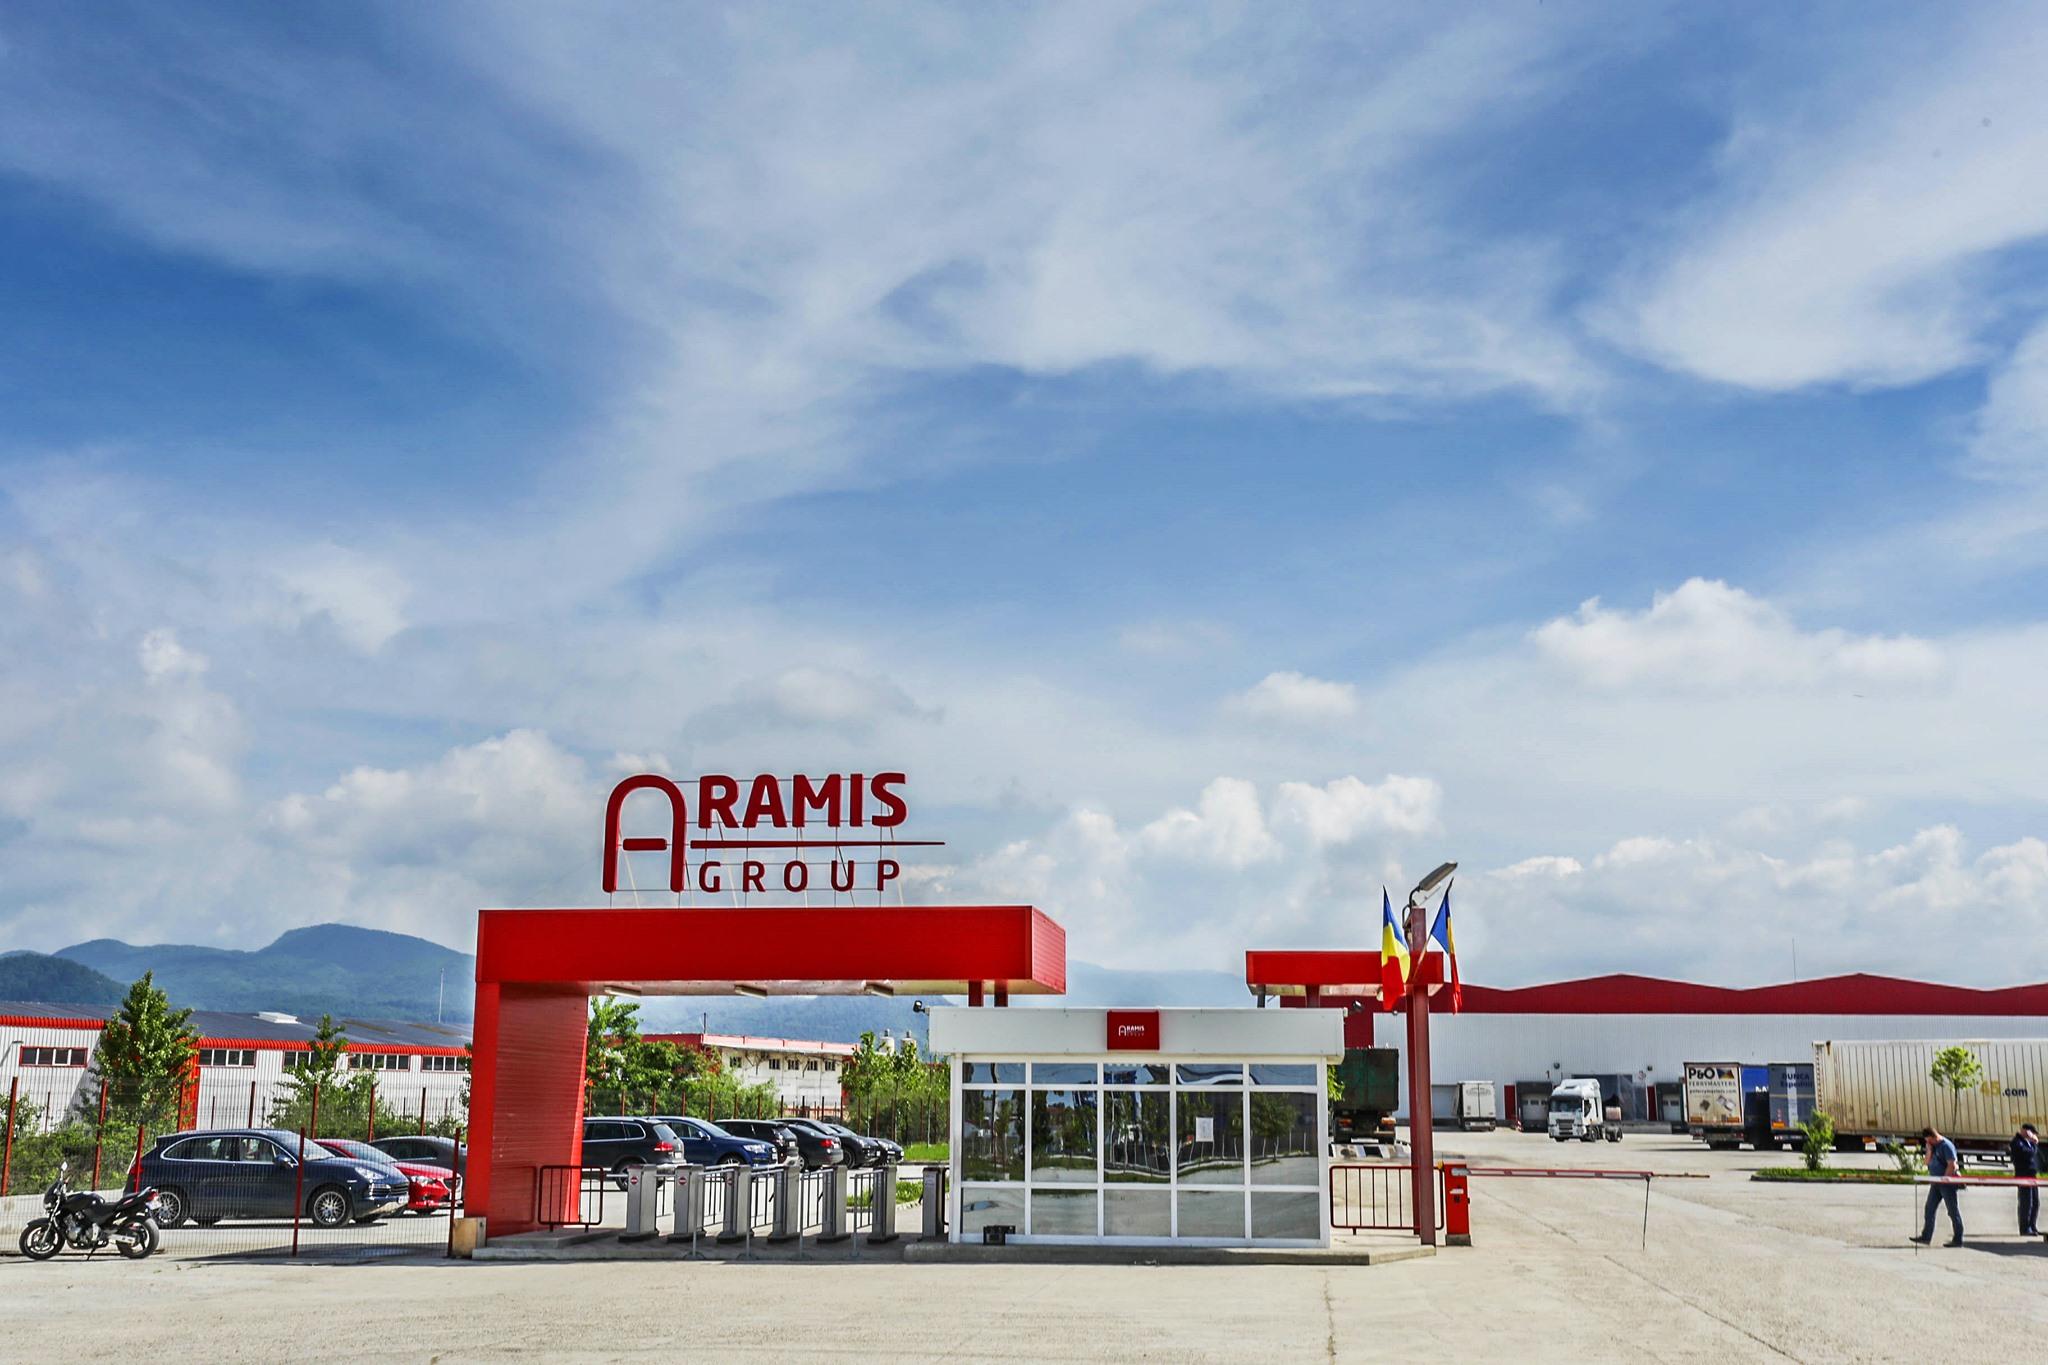 斯泰蘭蒂斯的阿拉米斯將在巴黎證券交易所上市